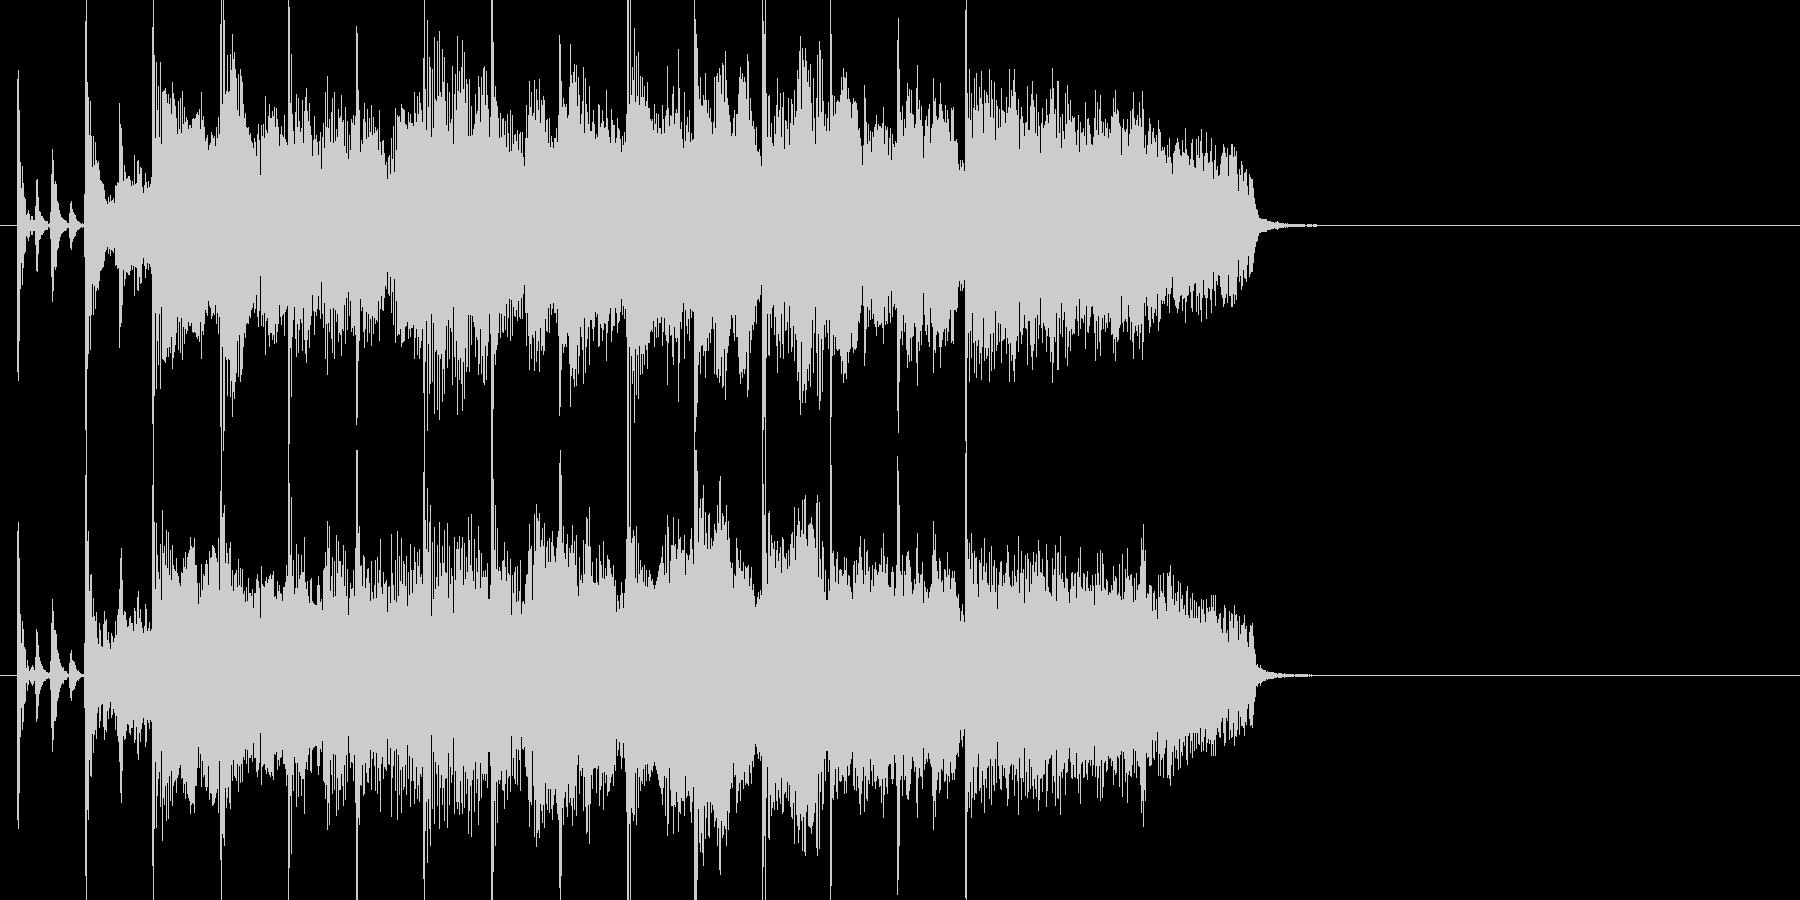 オーケストラ楽器が壮大な感動系ジングルの未再生の波形